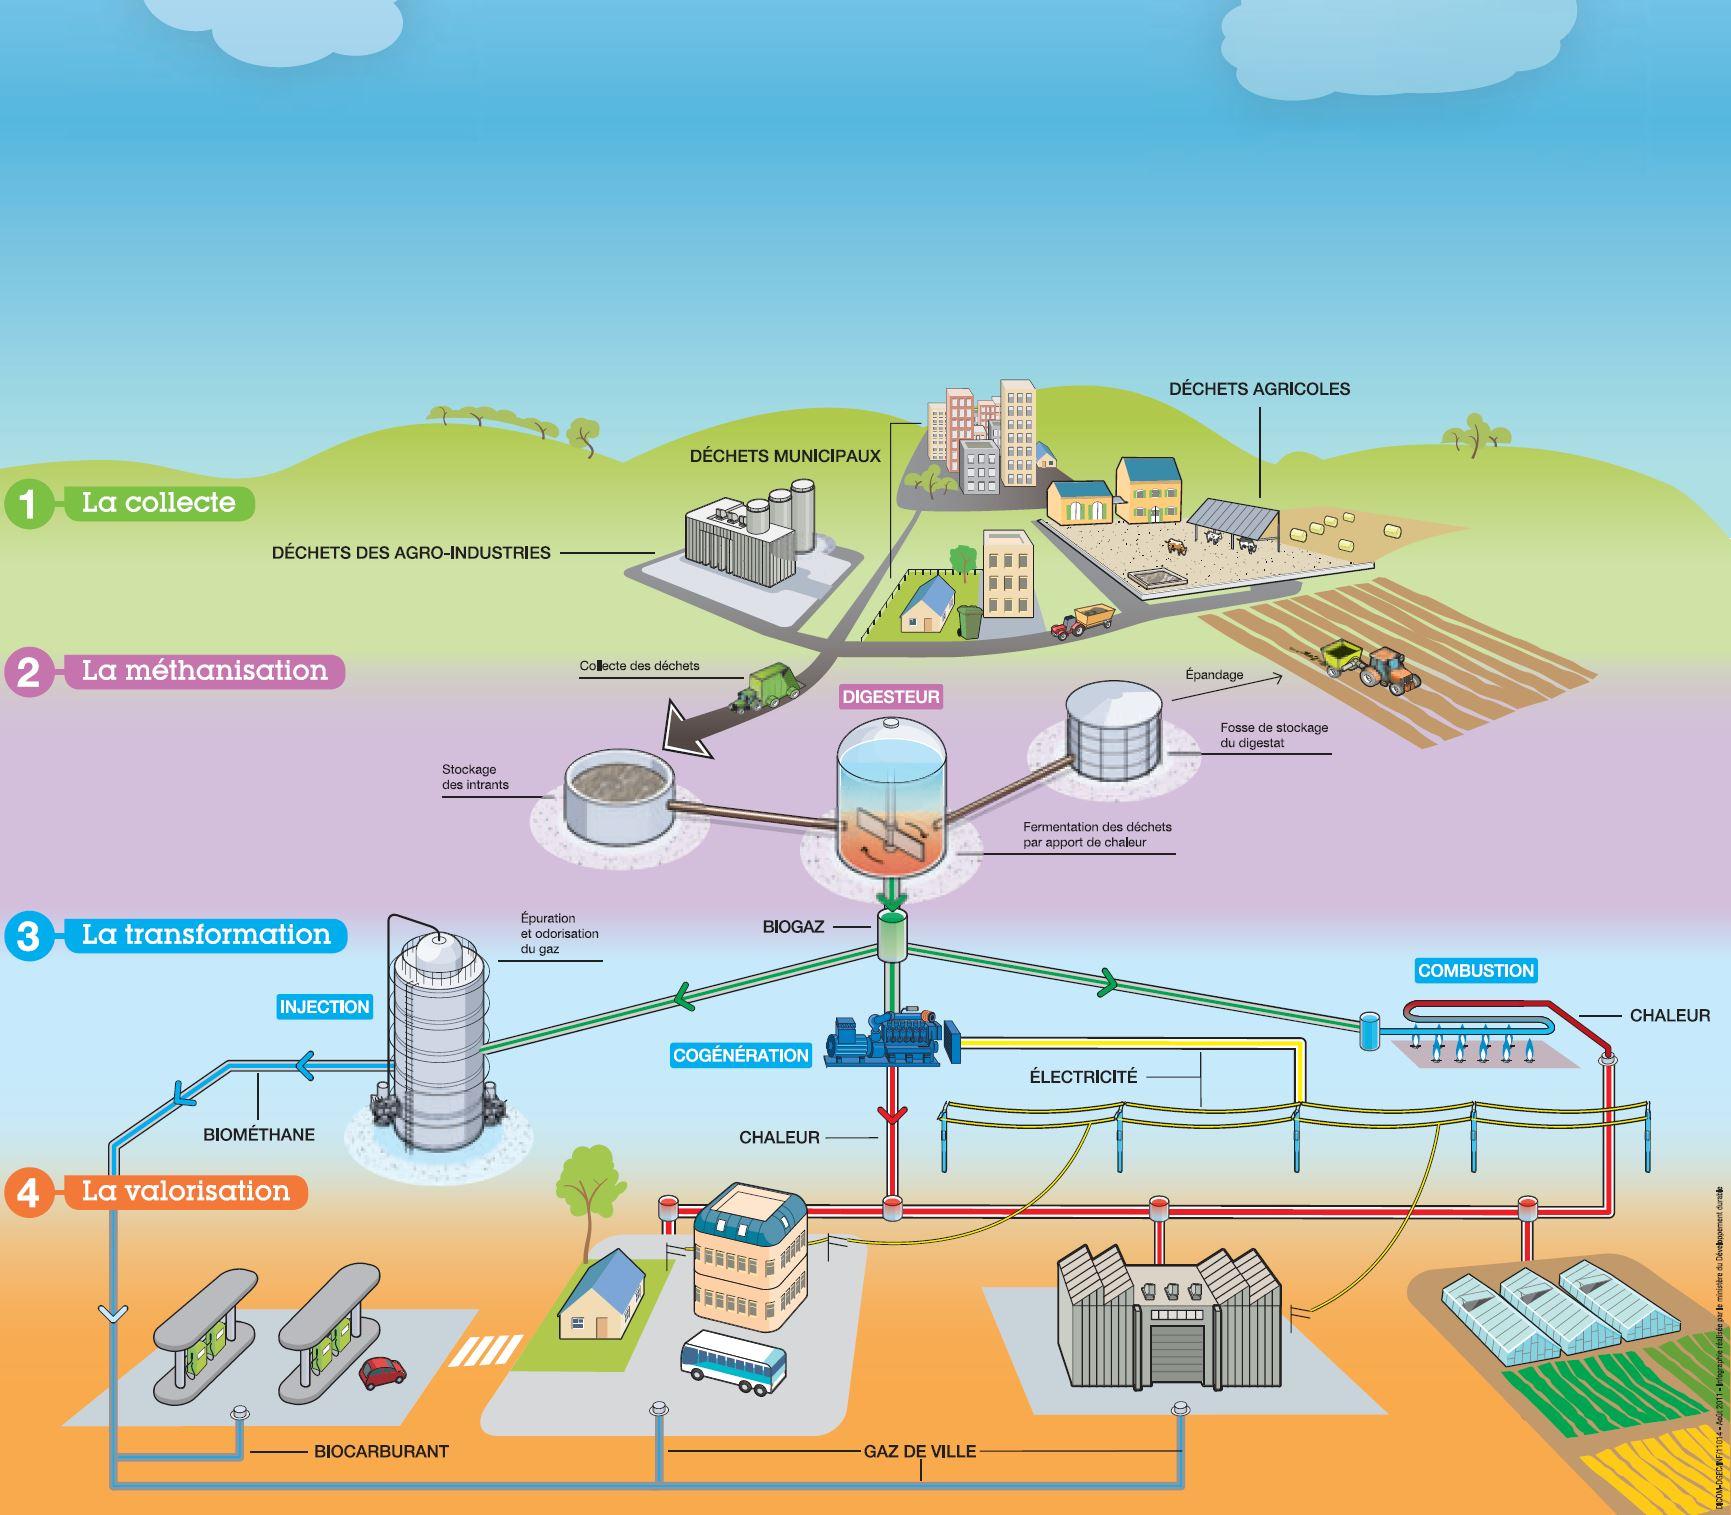 Énergie verte : les résidus de la méthanisation en discussion